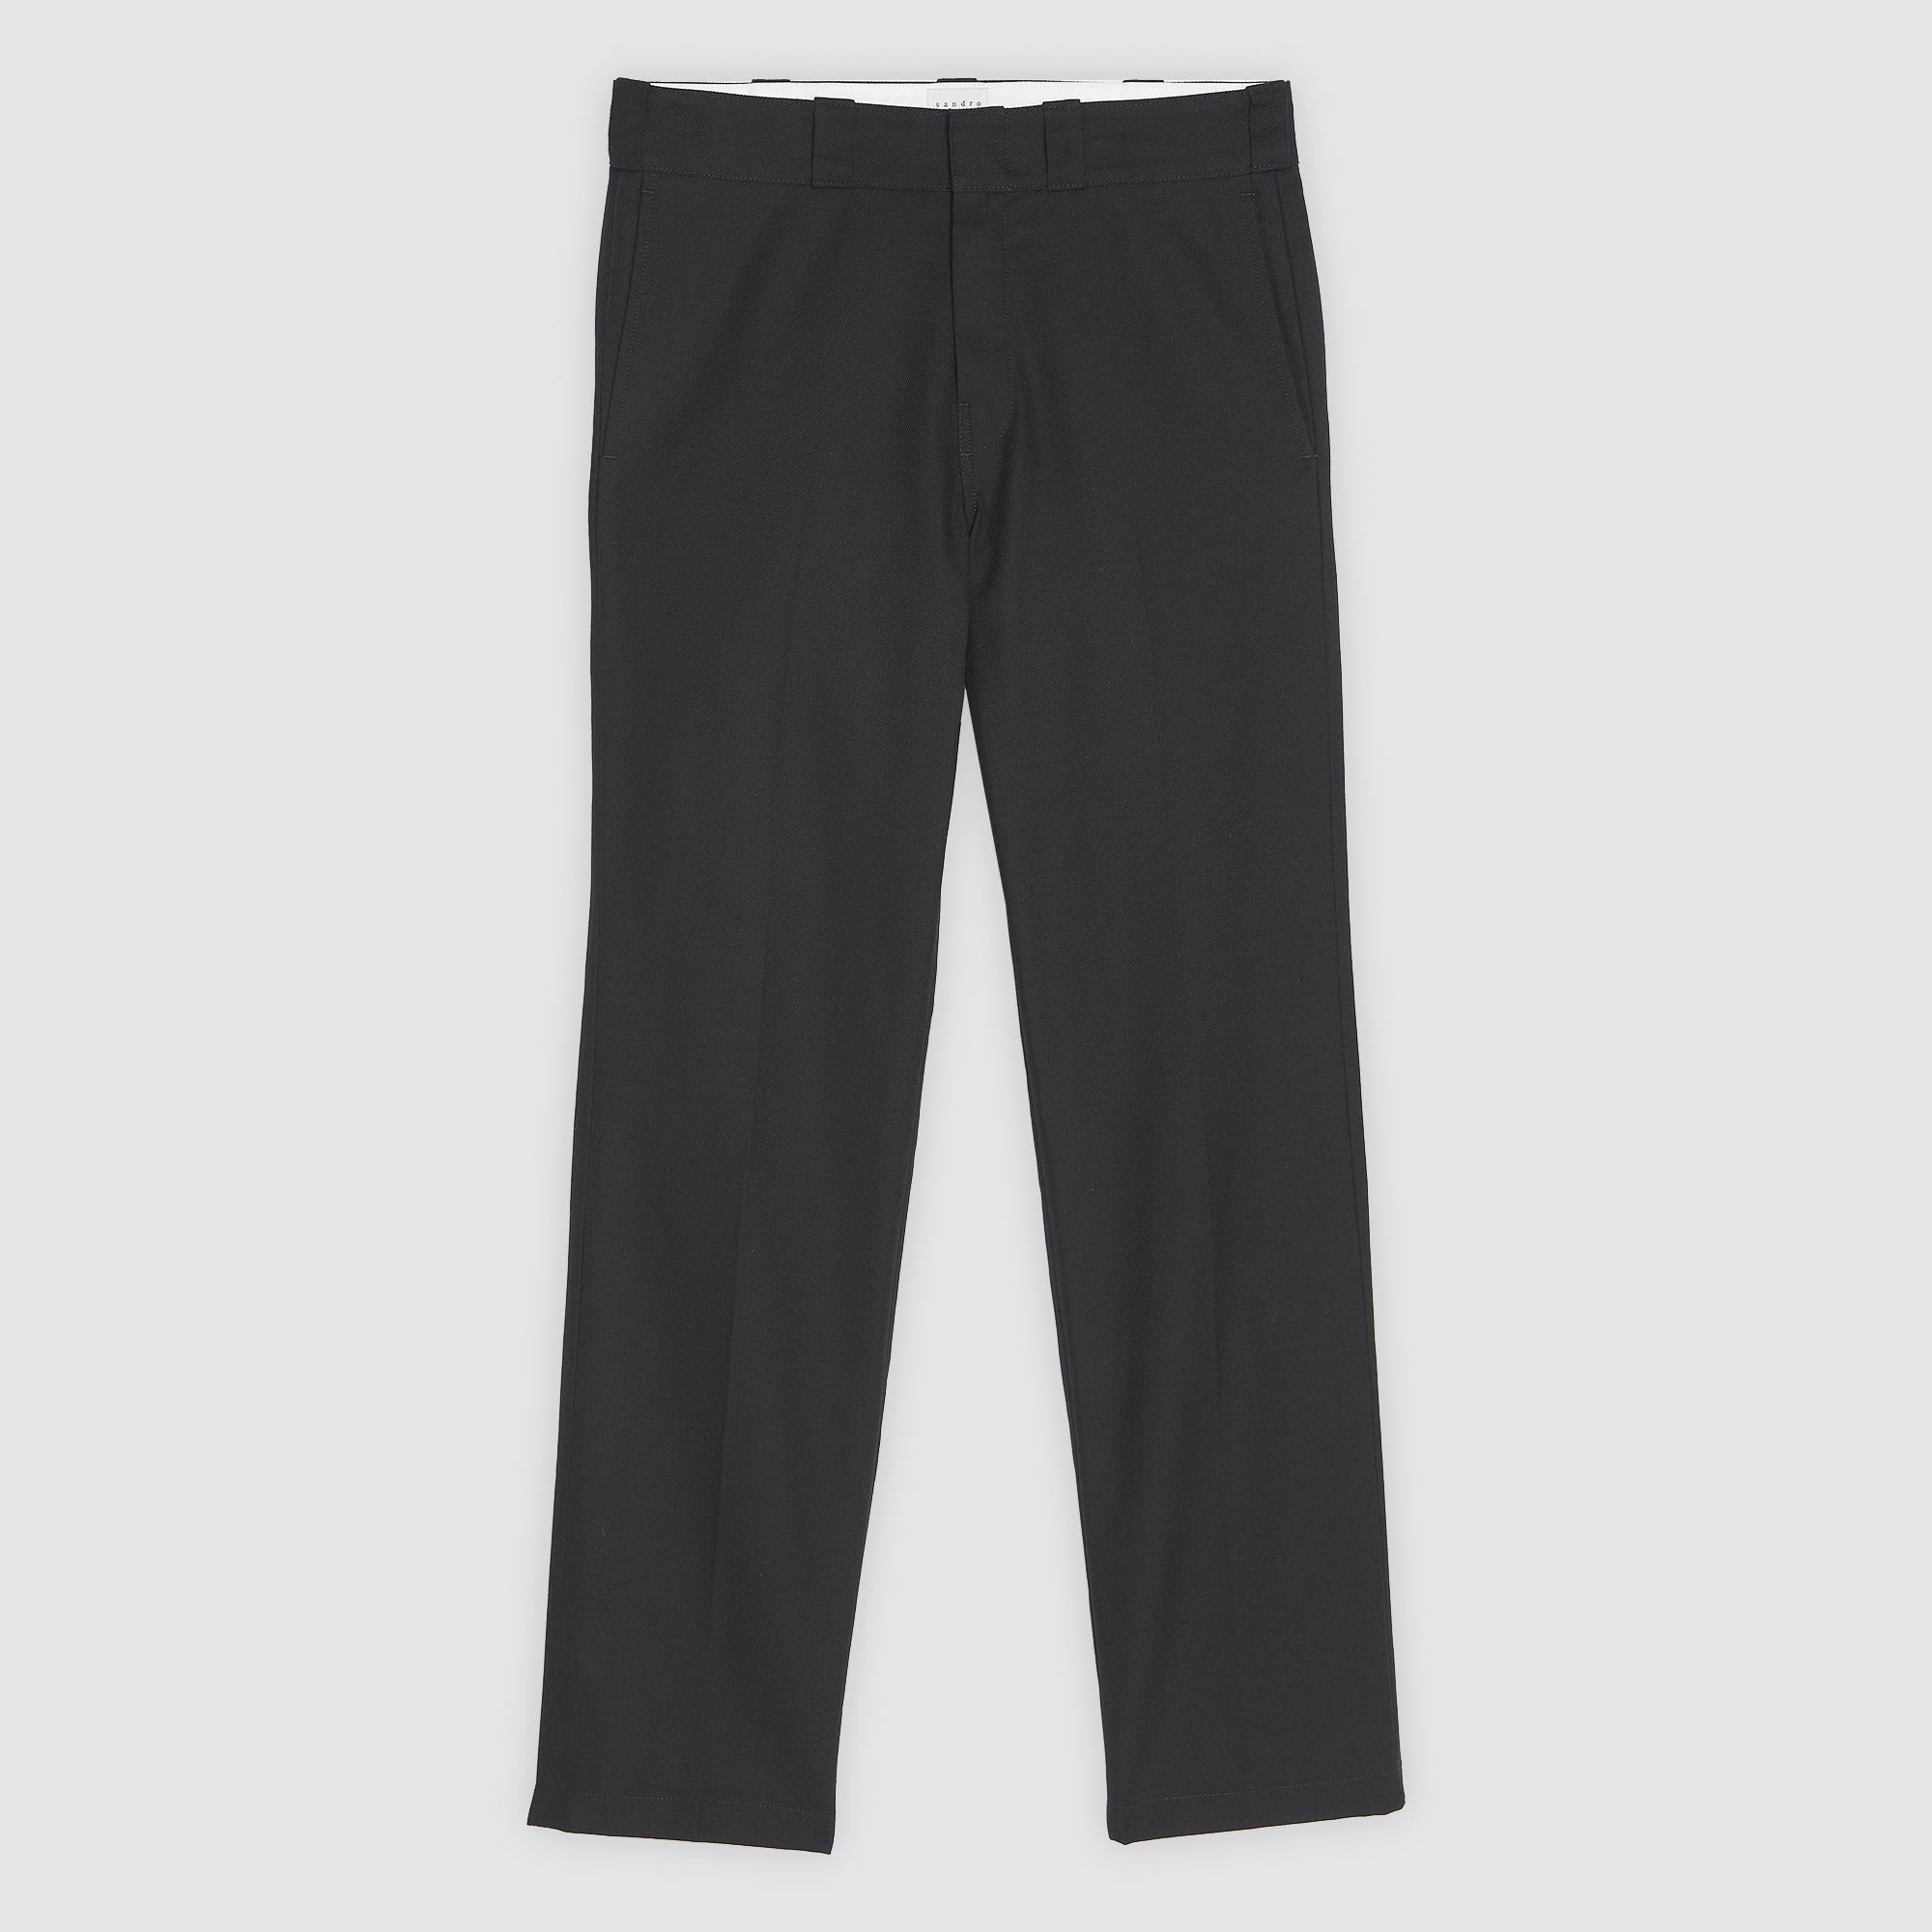 pantalon de ville coupe droite p6315w pantalons shorts. Black Bedroom Furniture Sets. Home Design Ideas